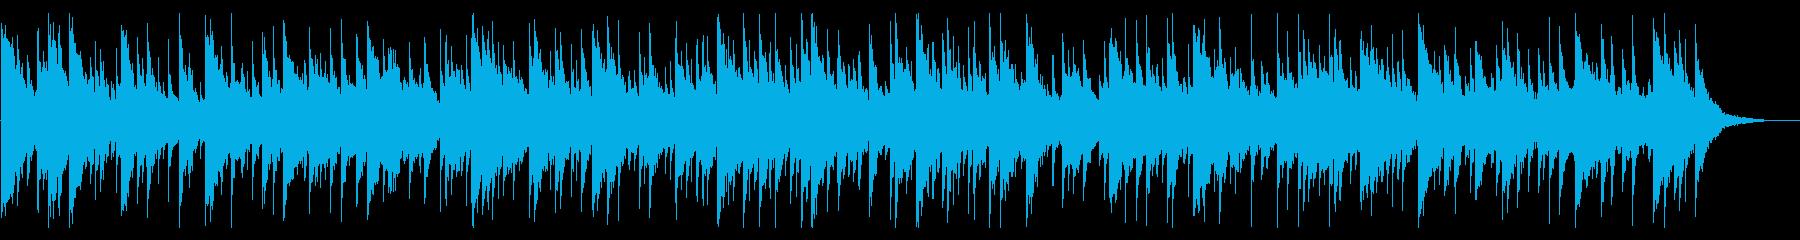 ✡不思議な話に合いそうな✡ハンドパン★Aの再生済みの波形